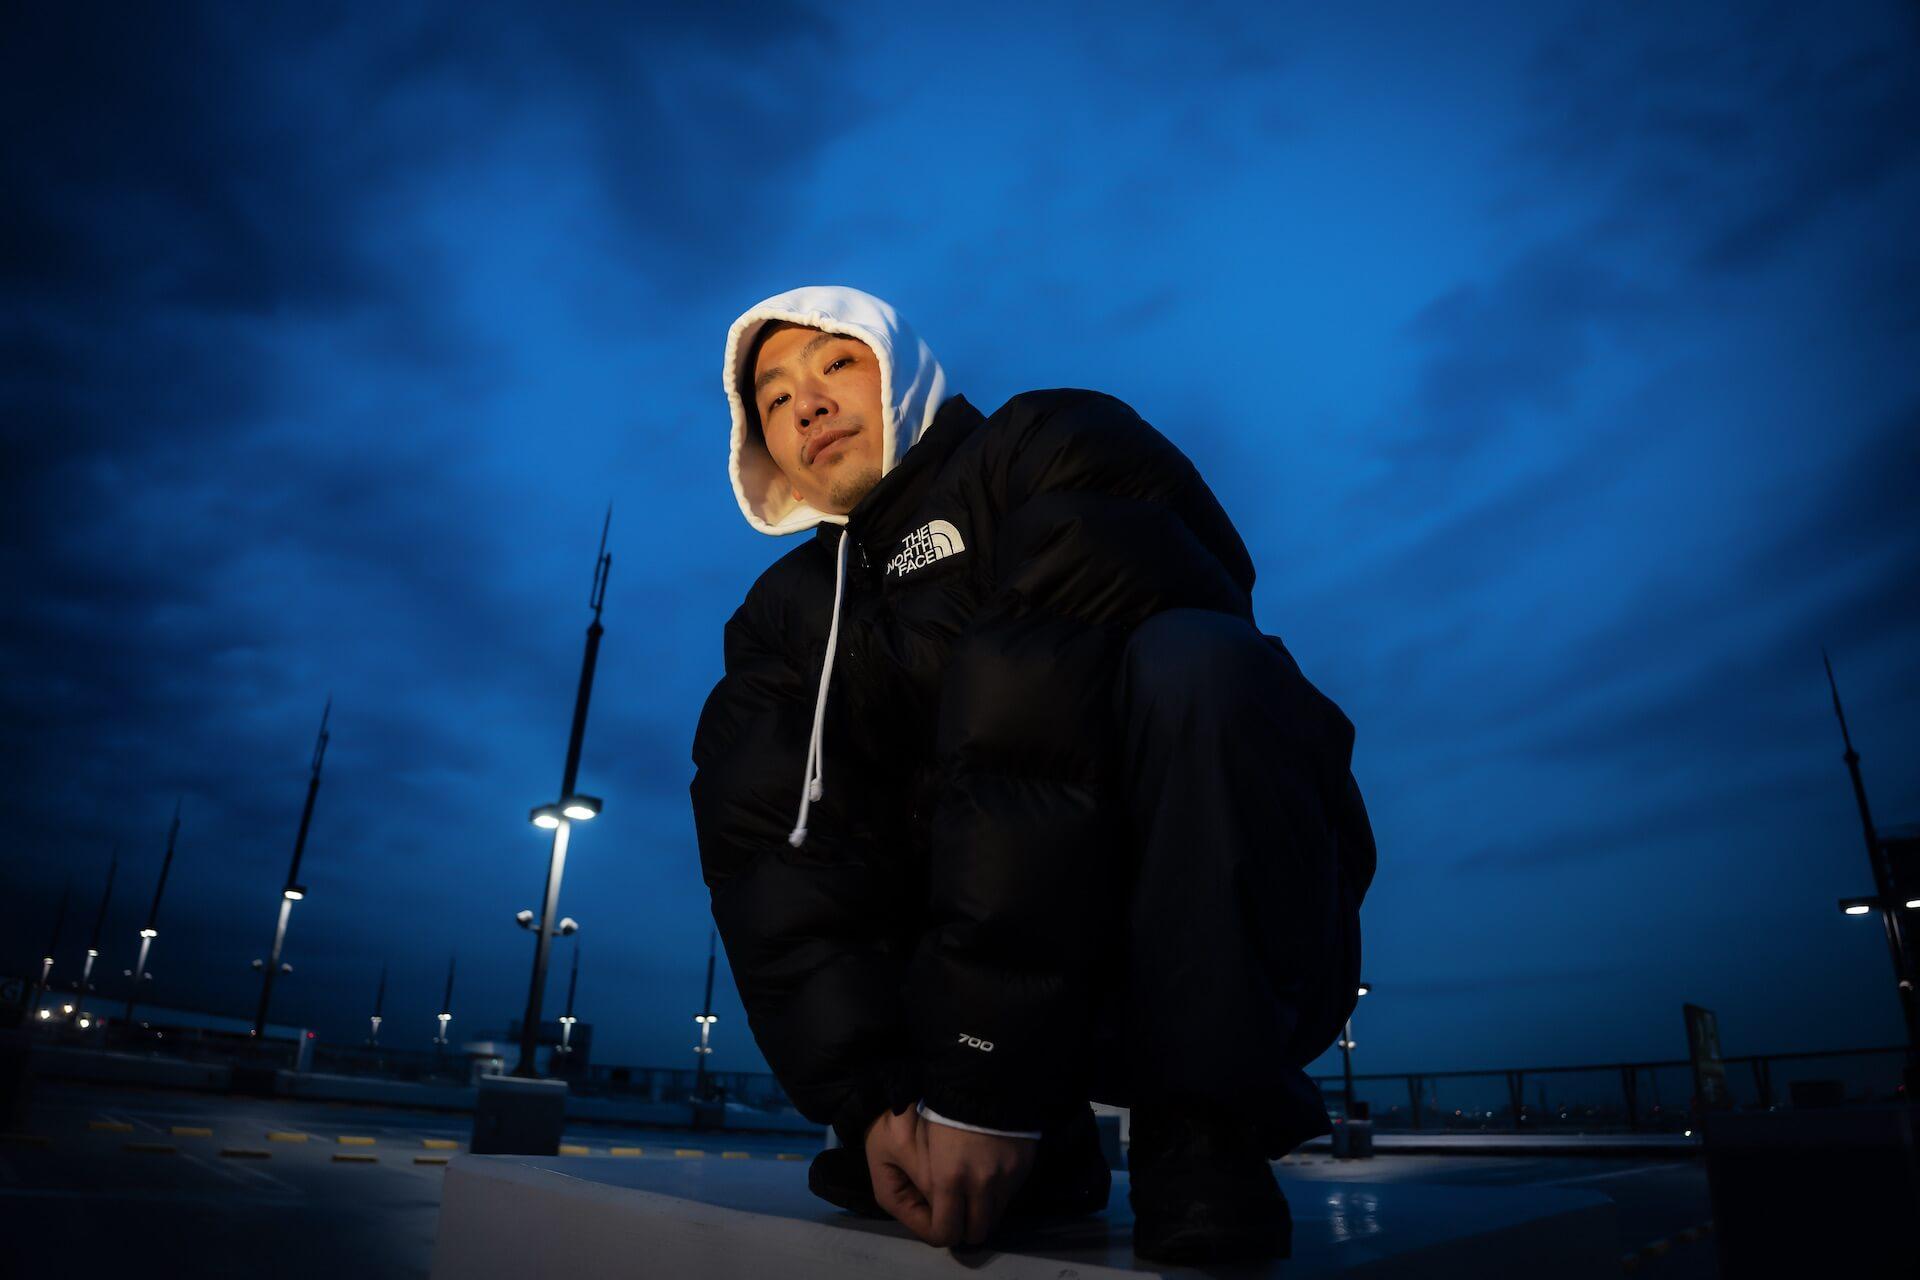 仙人掌の2ndアルバム『BOY MEETS WORLD』のアナログ盤がリリース決定!JJJ、MILES WORDら参加 music200526_senninsho_1